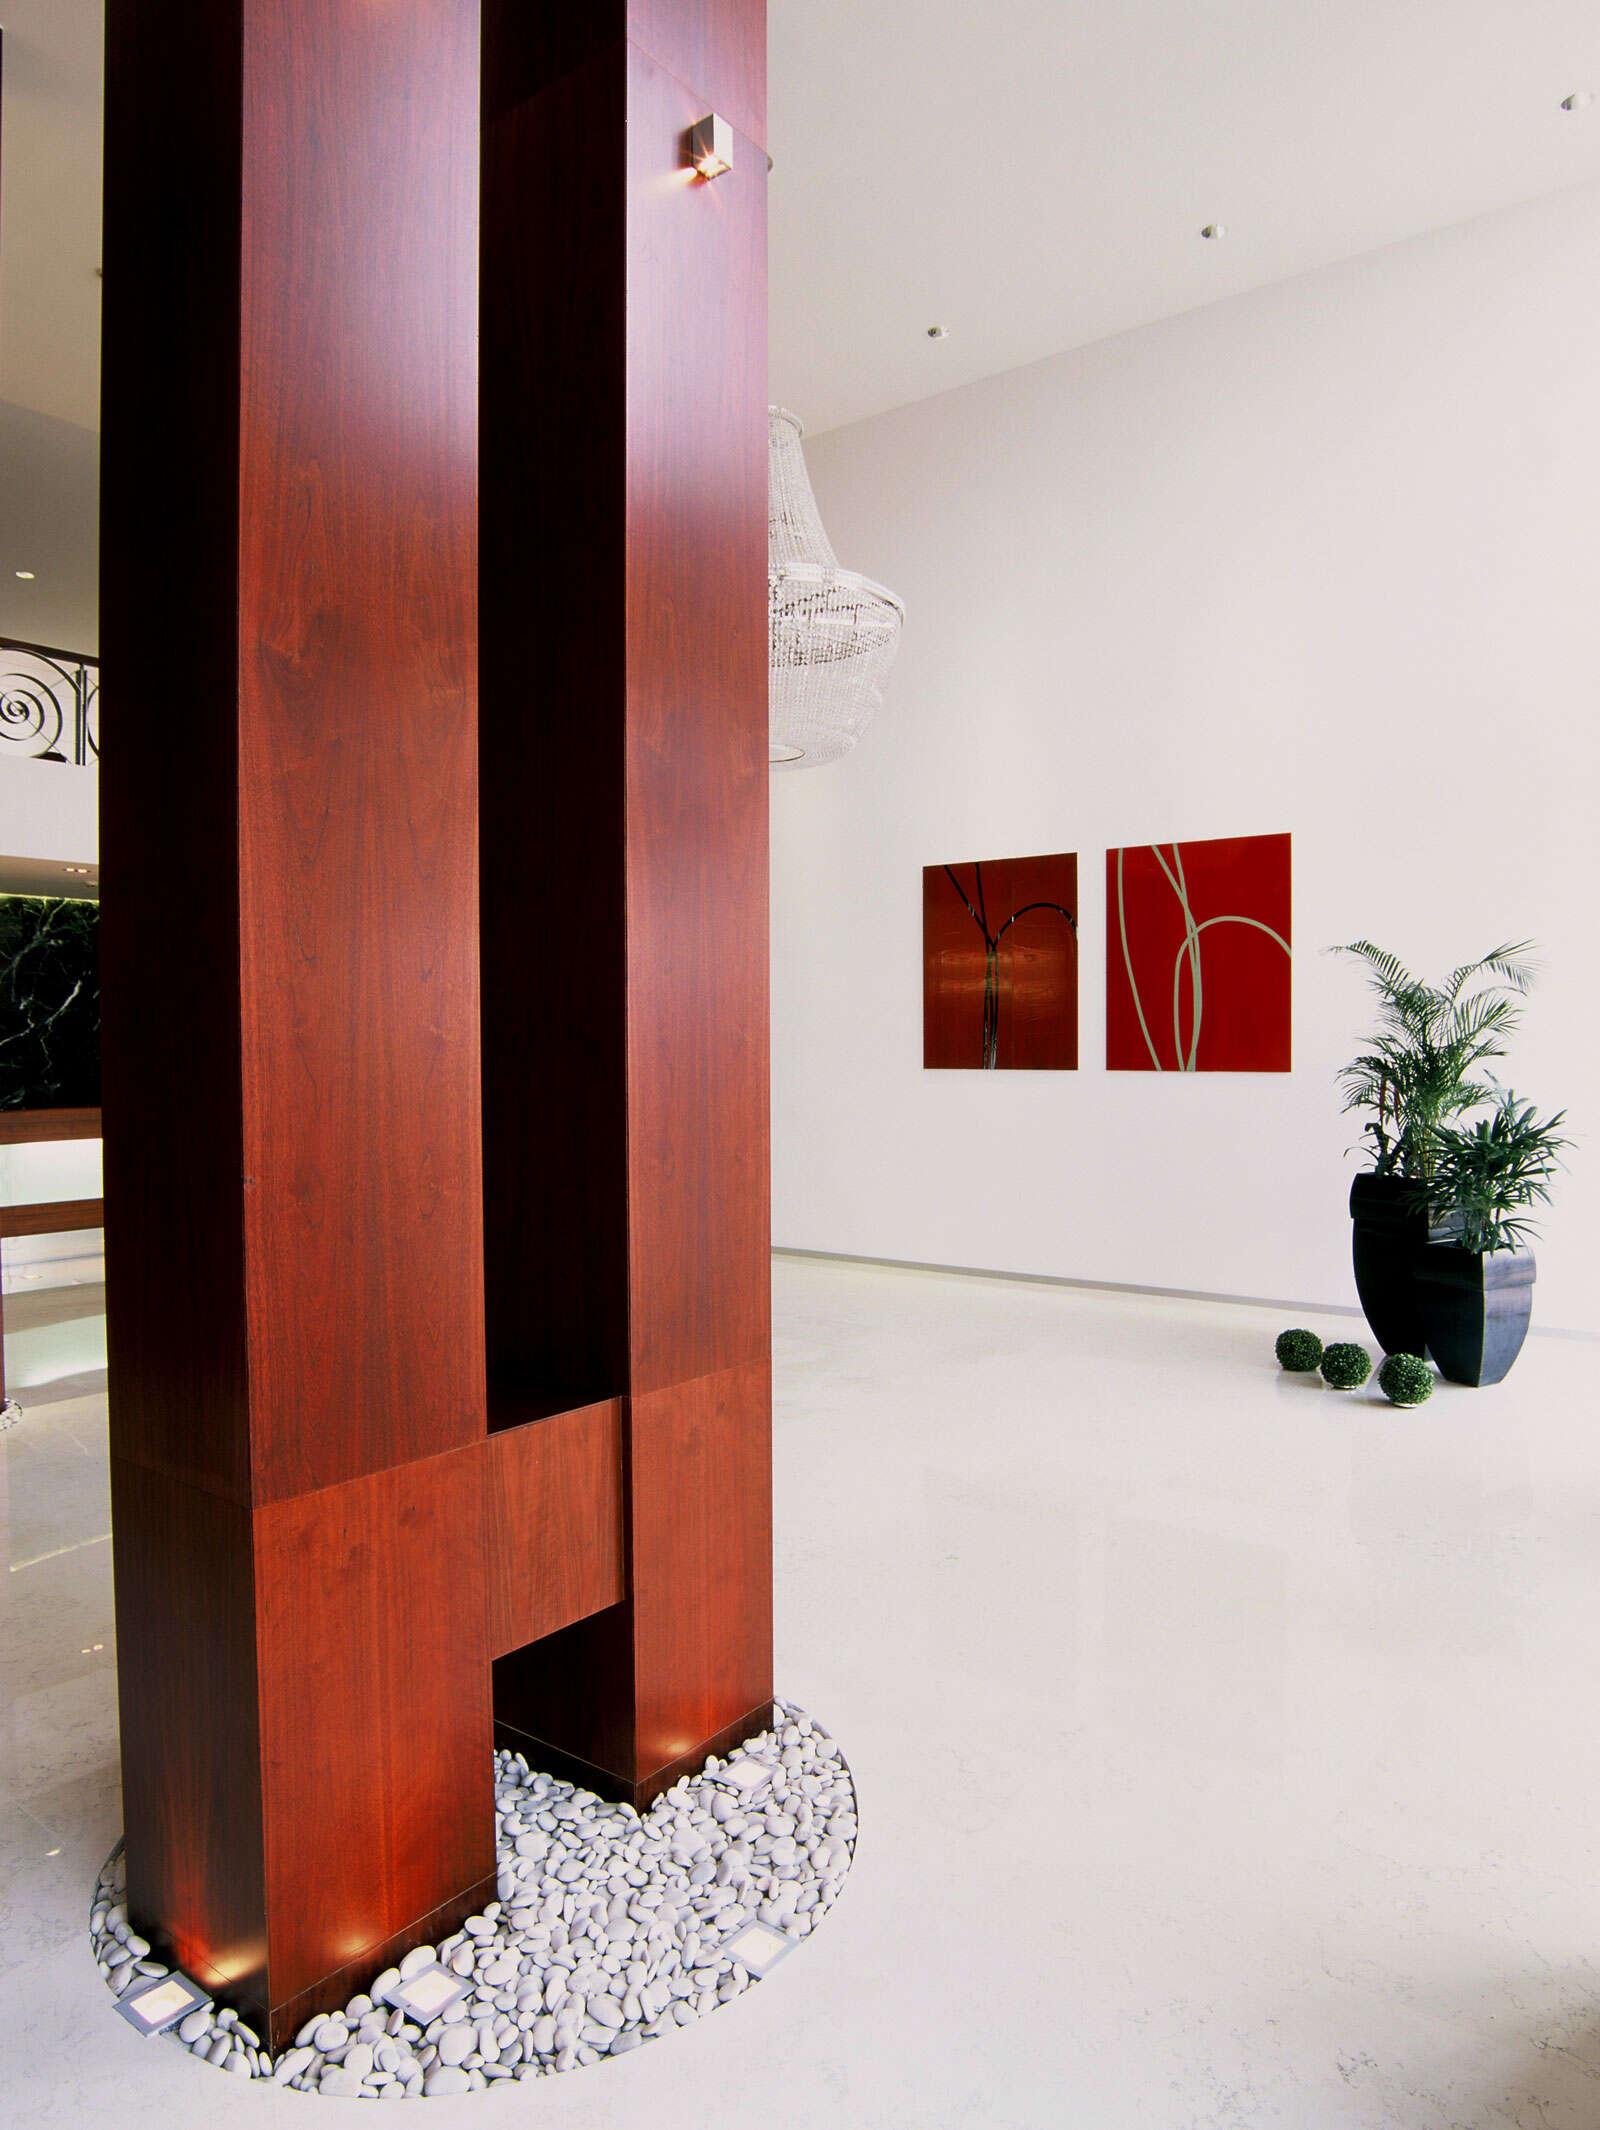 Дизайн интерьера элитного жилого комплекса 4000 кв.м.